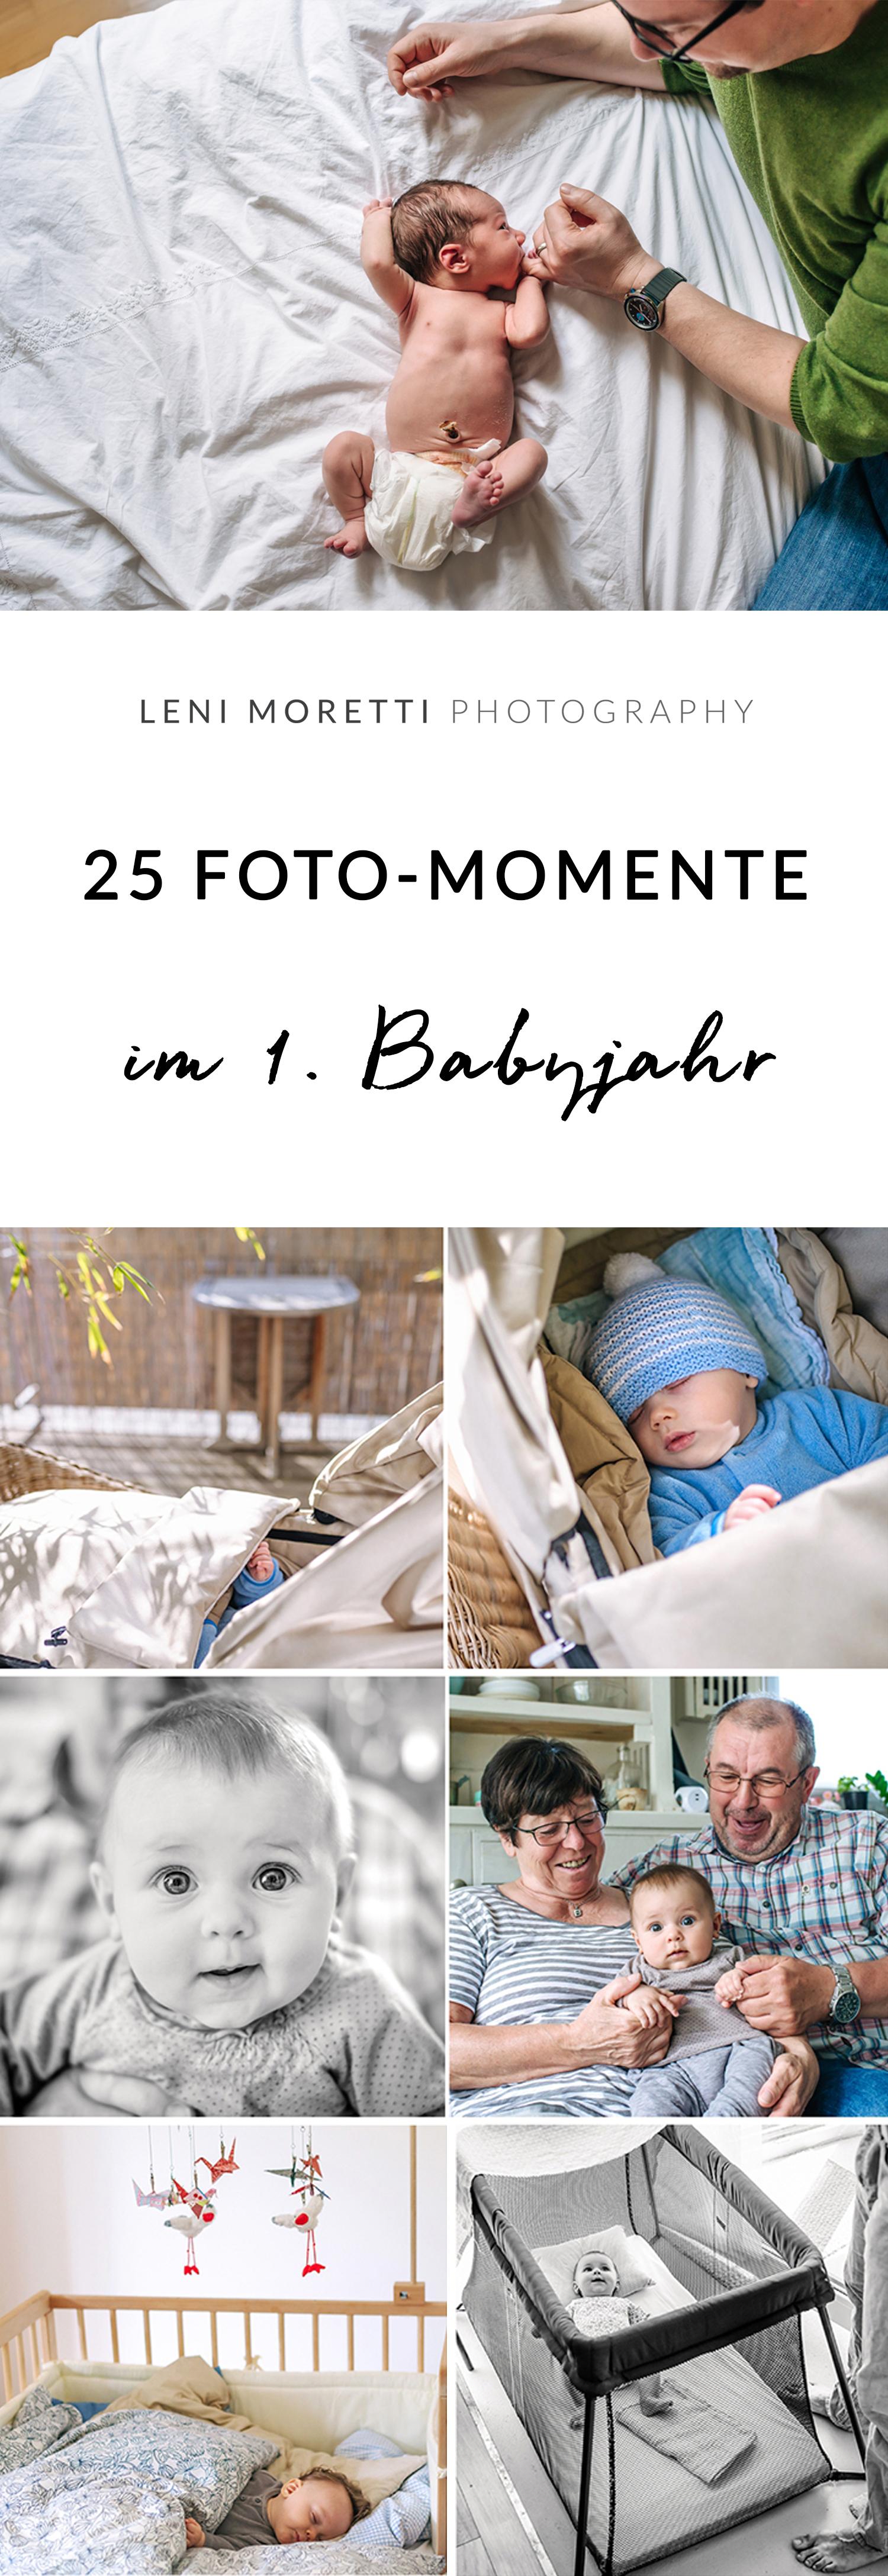 babyfotos-selber-machen.jpg